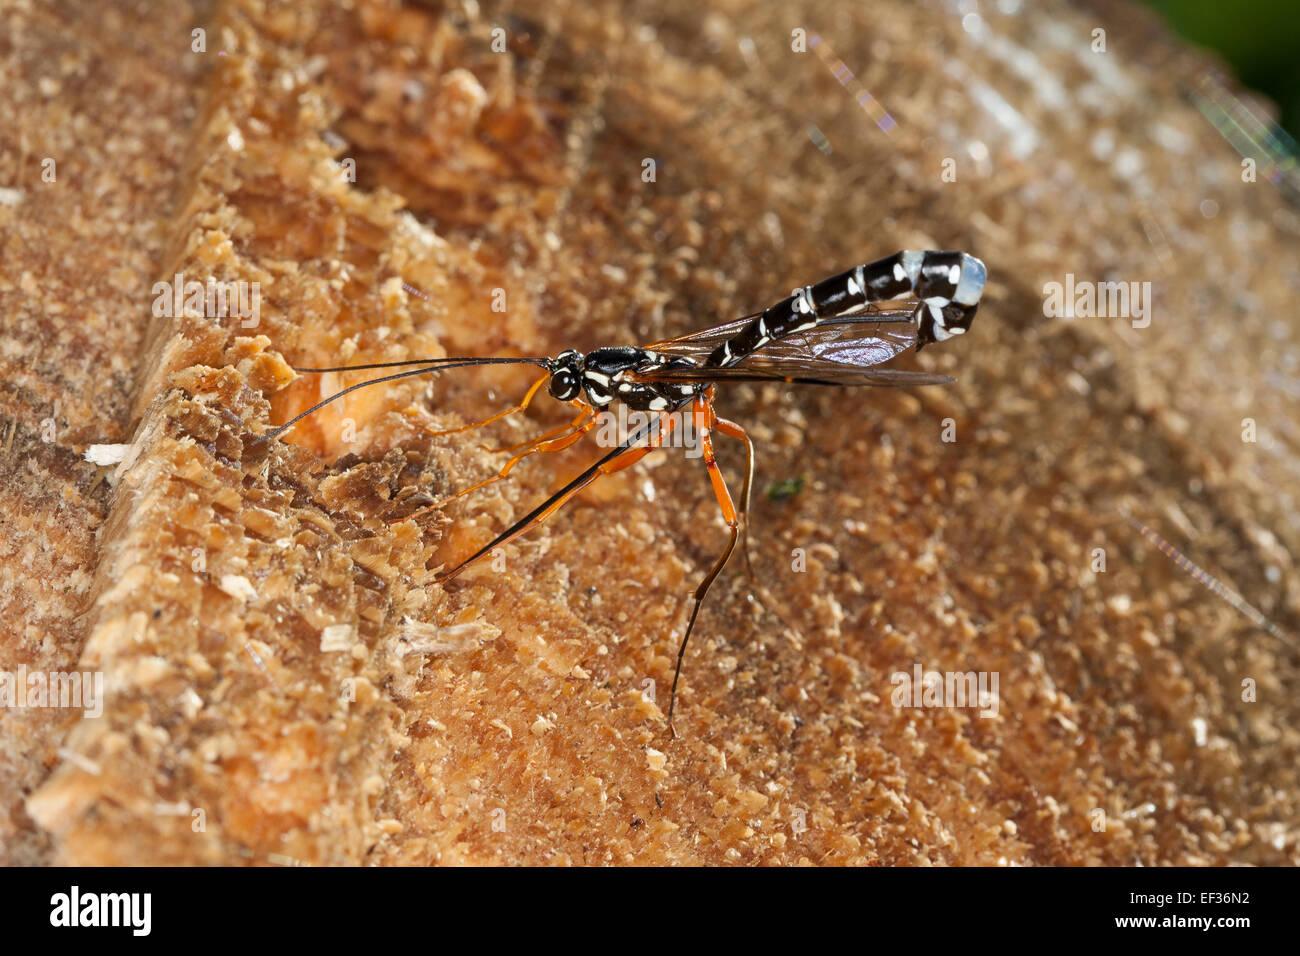 Giant Ichneumon, Sabre Wasp, large ichneumon wasp, female, Holzwespen-Schlupfwespe, Holzschlupfwespe, Weib, Rhyssa - Stock Image